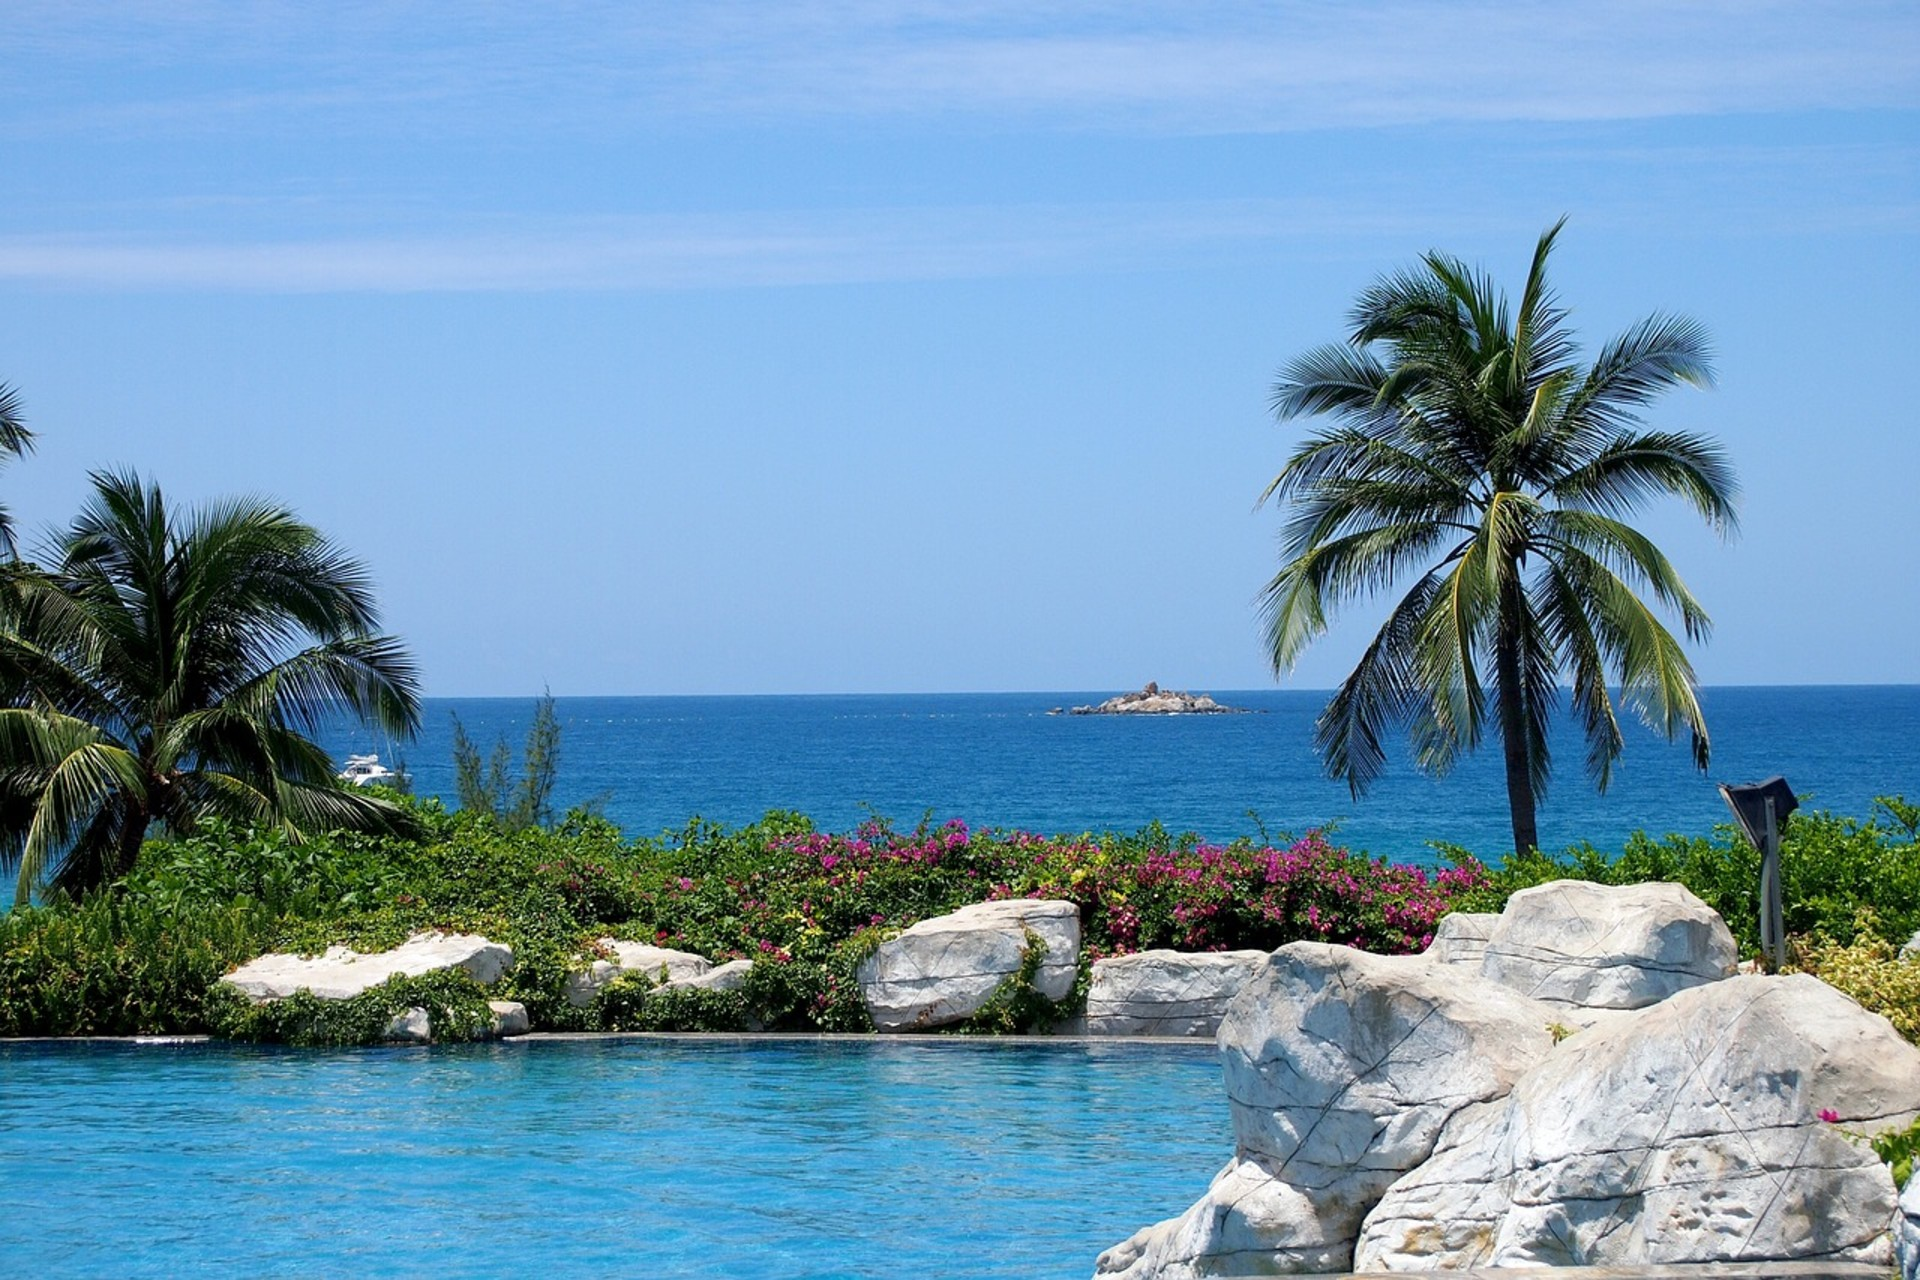 swimming-pool-2801498_1280.jpg